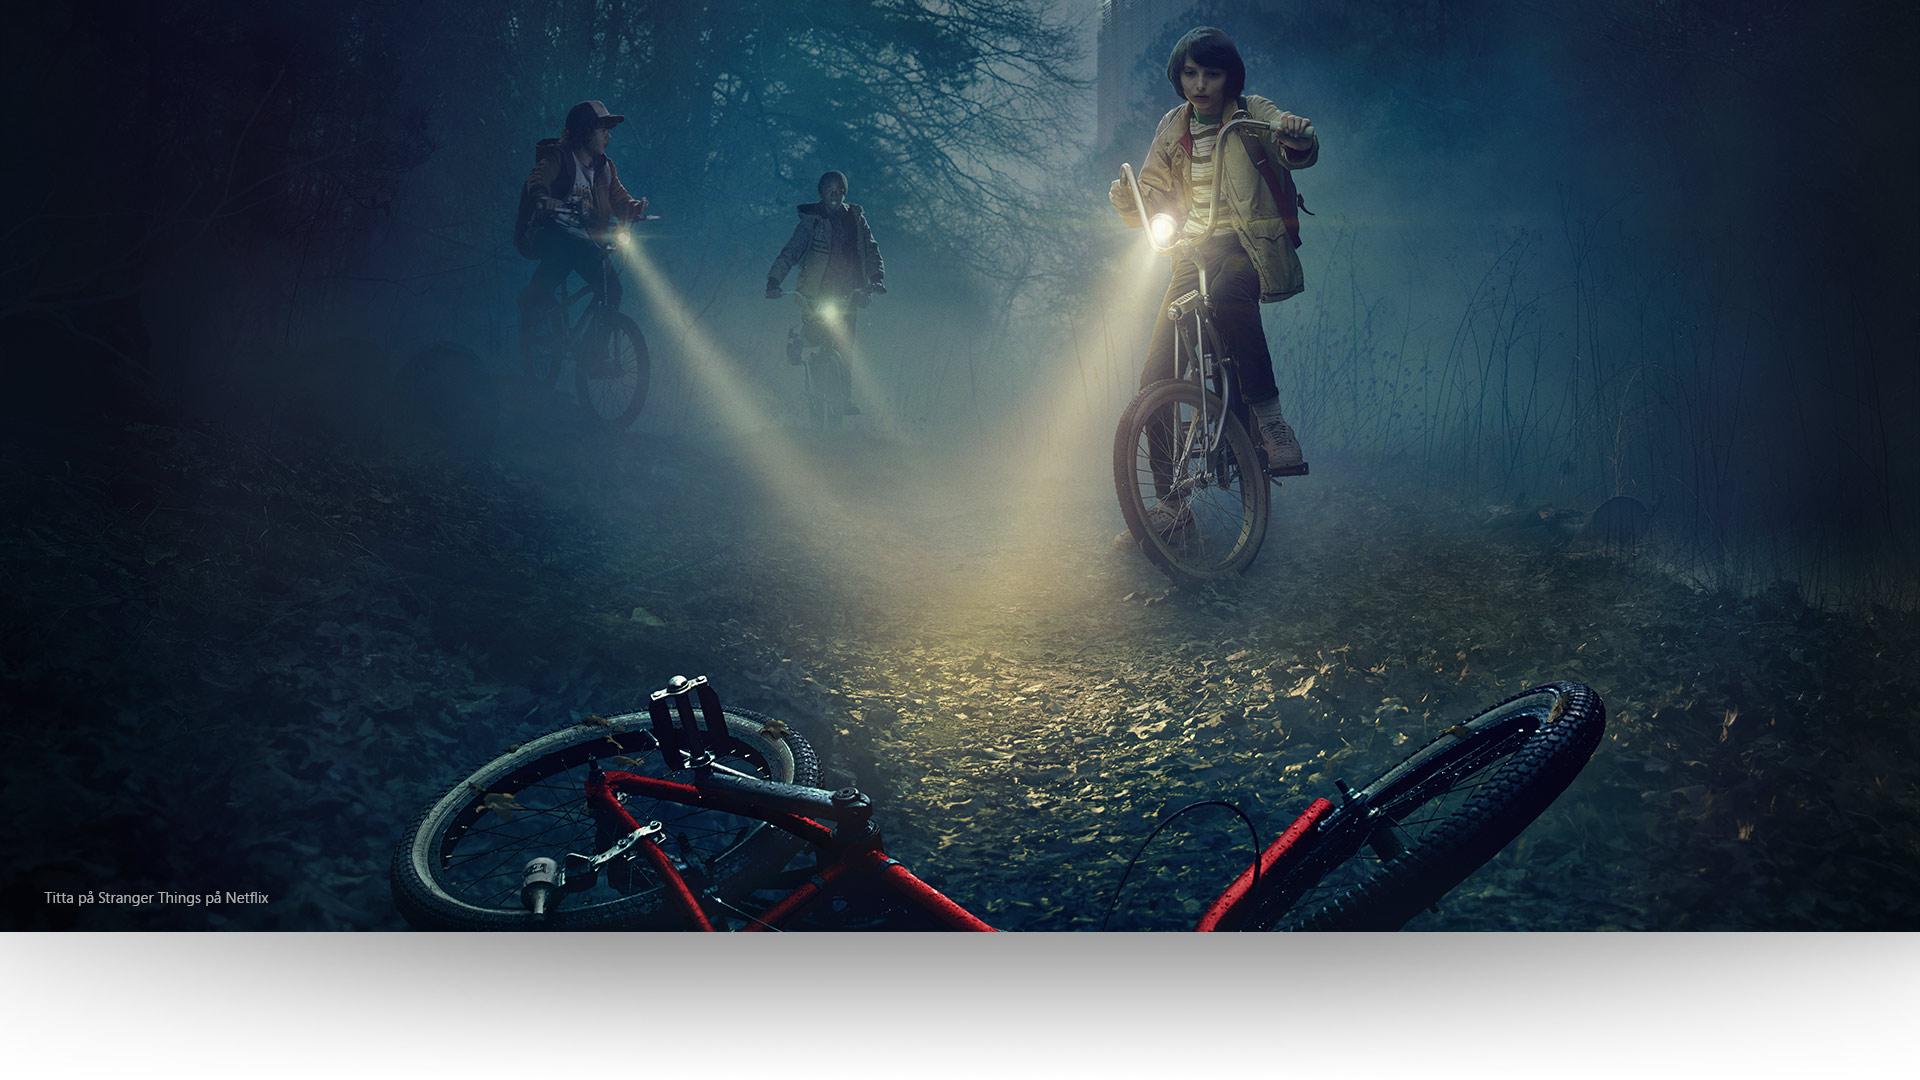 En scen från Stranger Things där barnen upptäcker en cykel i skogen